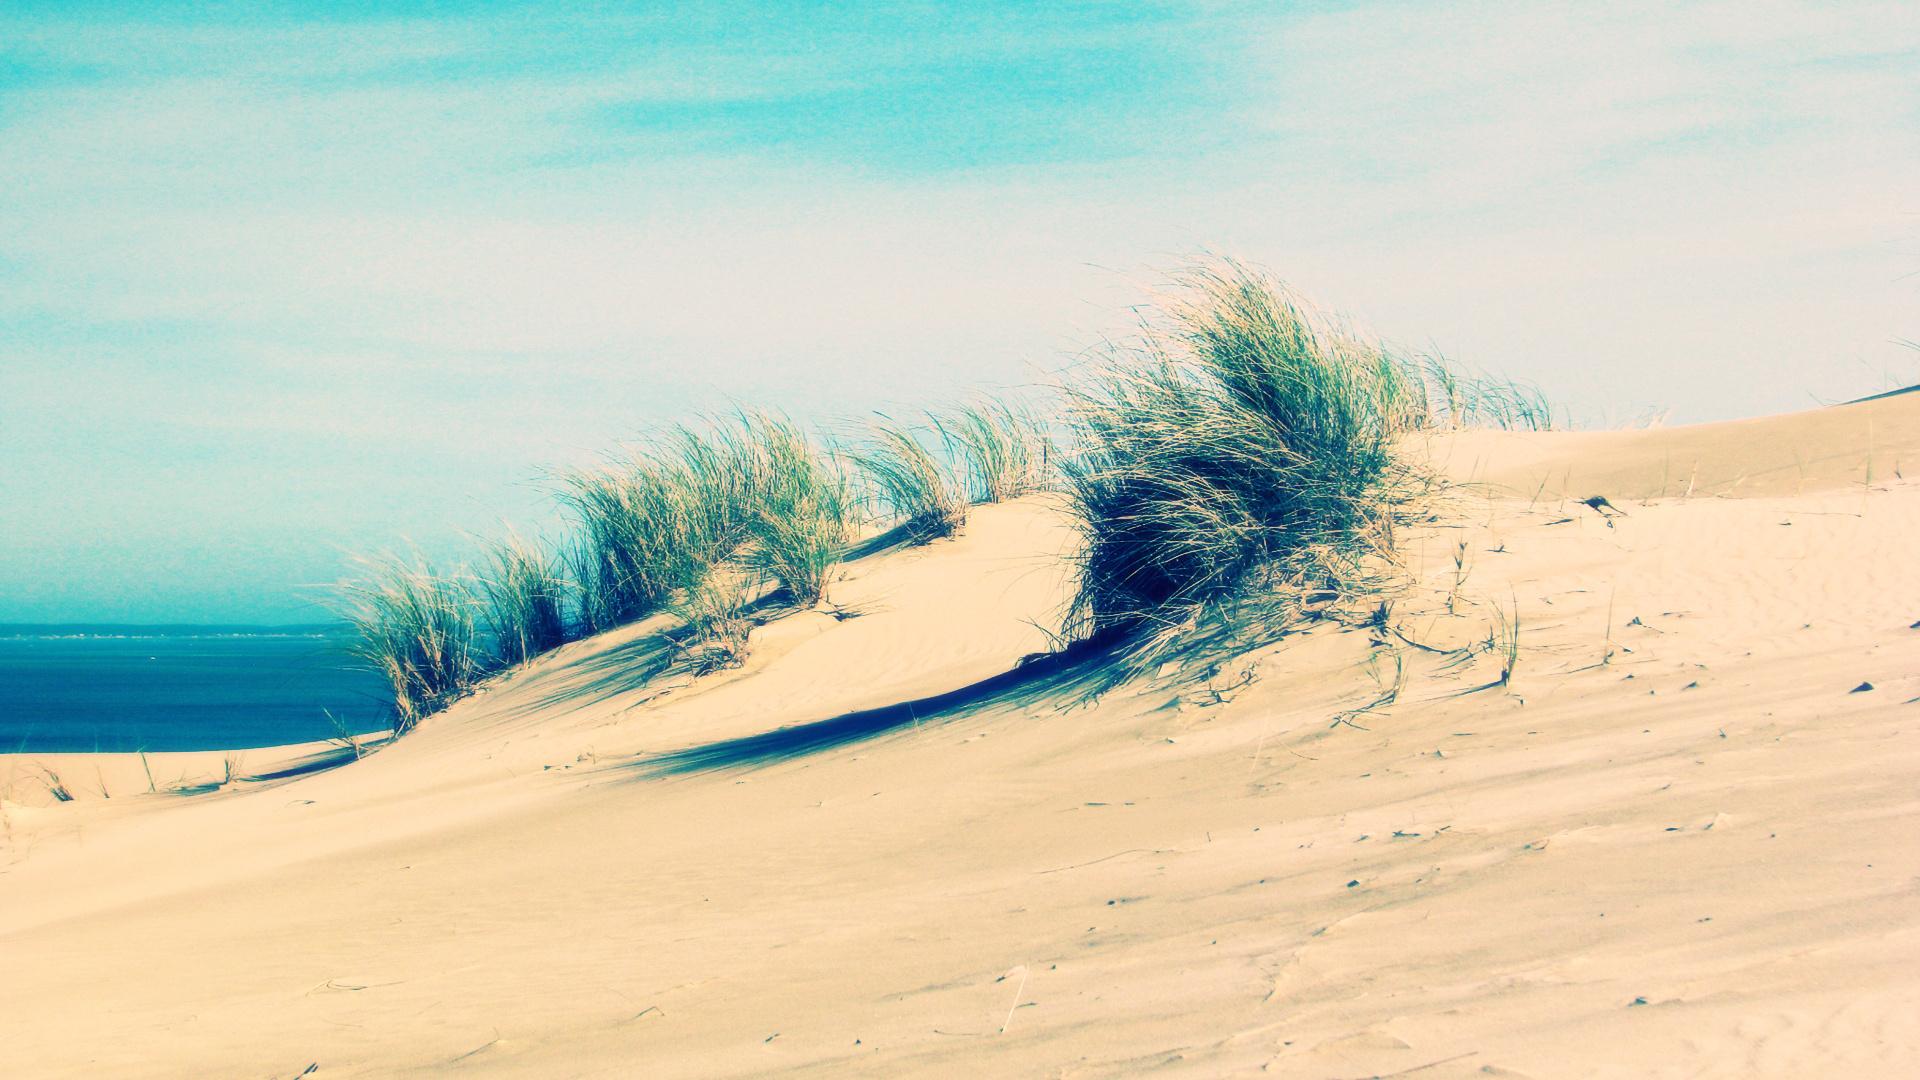 природа песок море пустыня nature sand sea desert загрузить